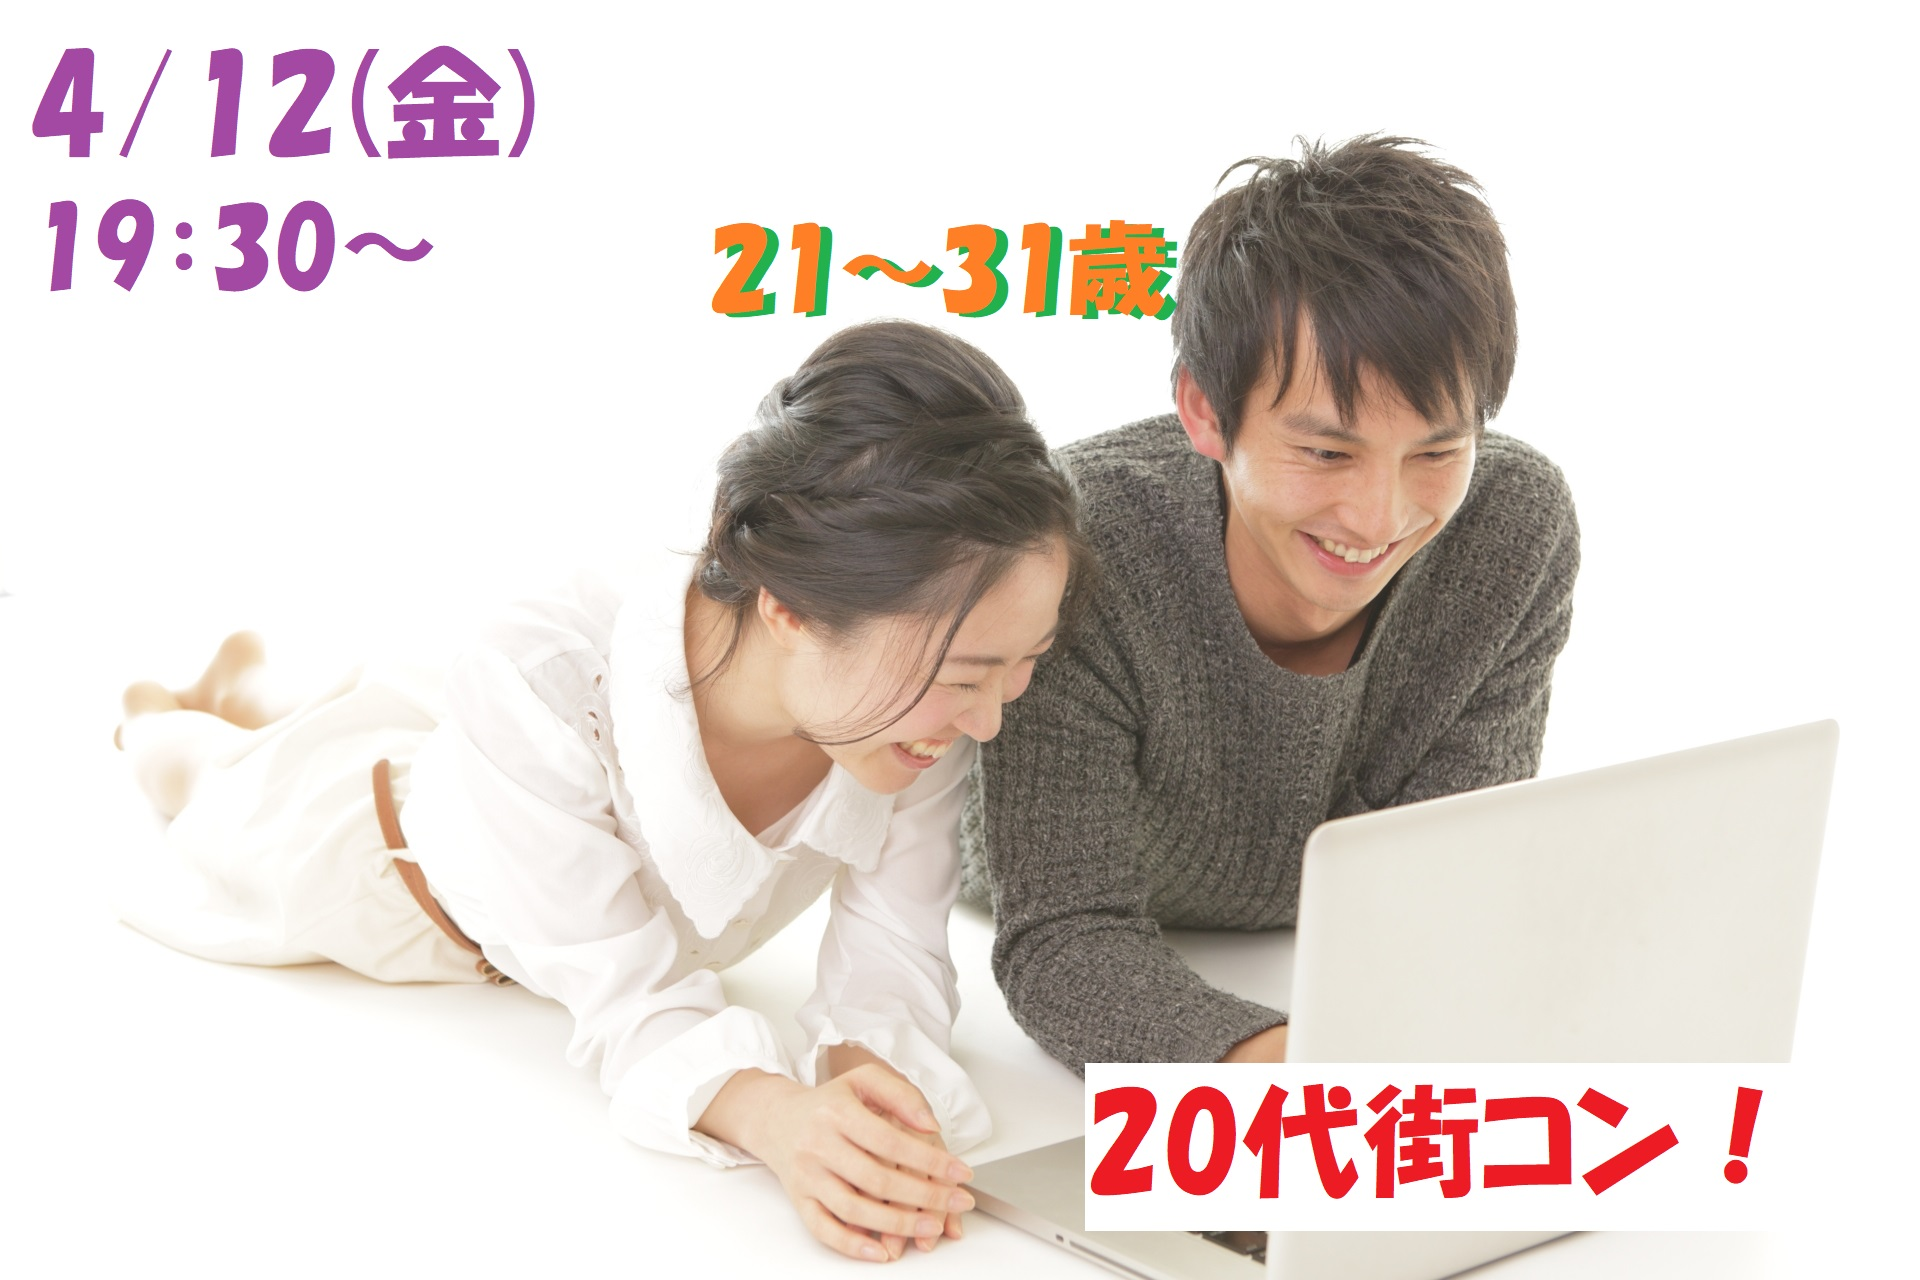 【終了】4月12日(金)19時30分~まずは友達から!【21~31歳】一人参加でも安心!20代街コン!